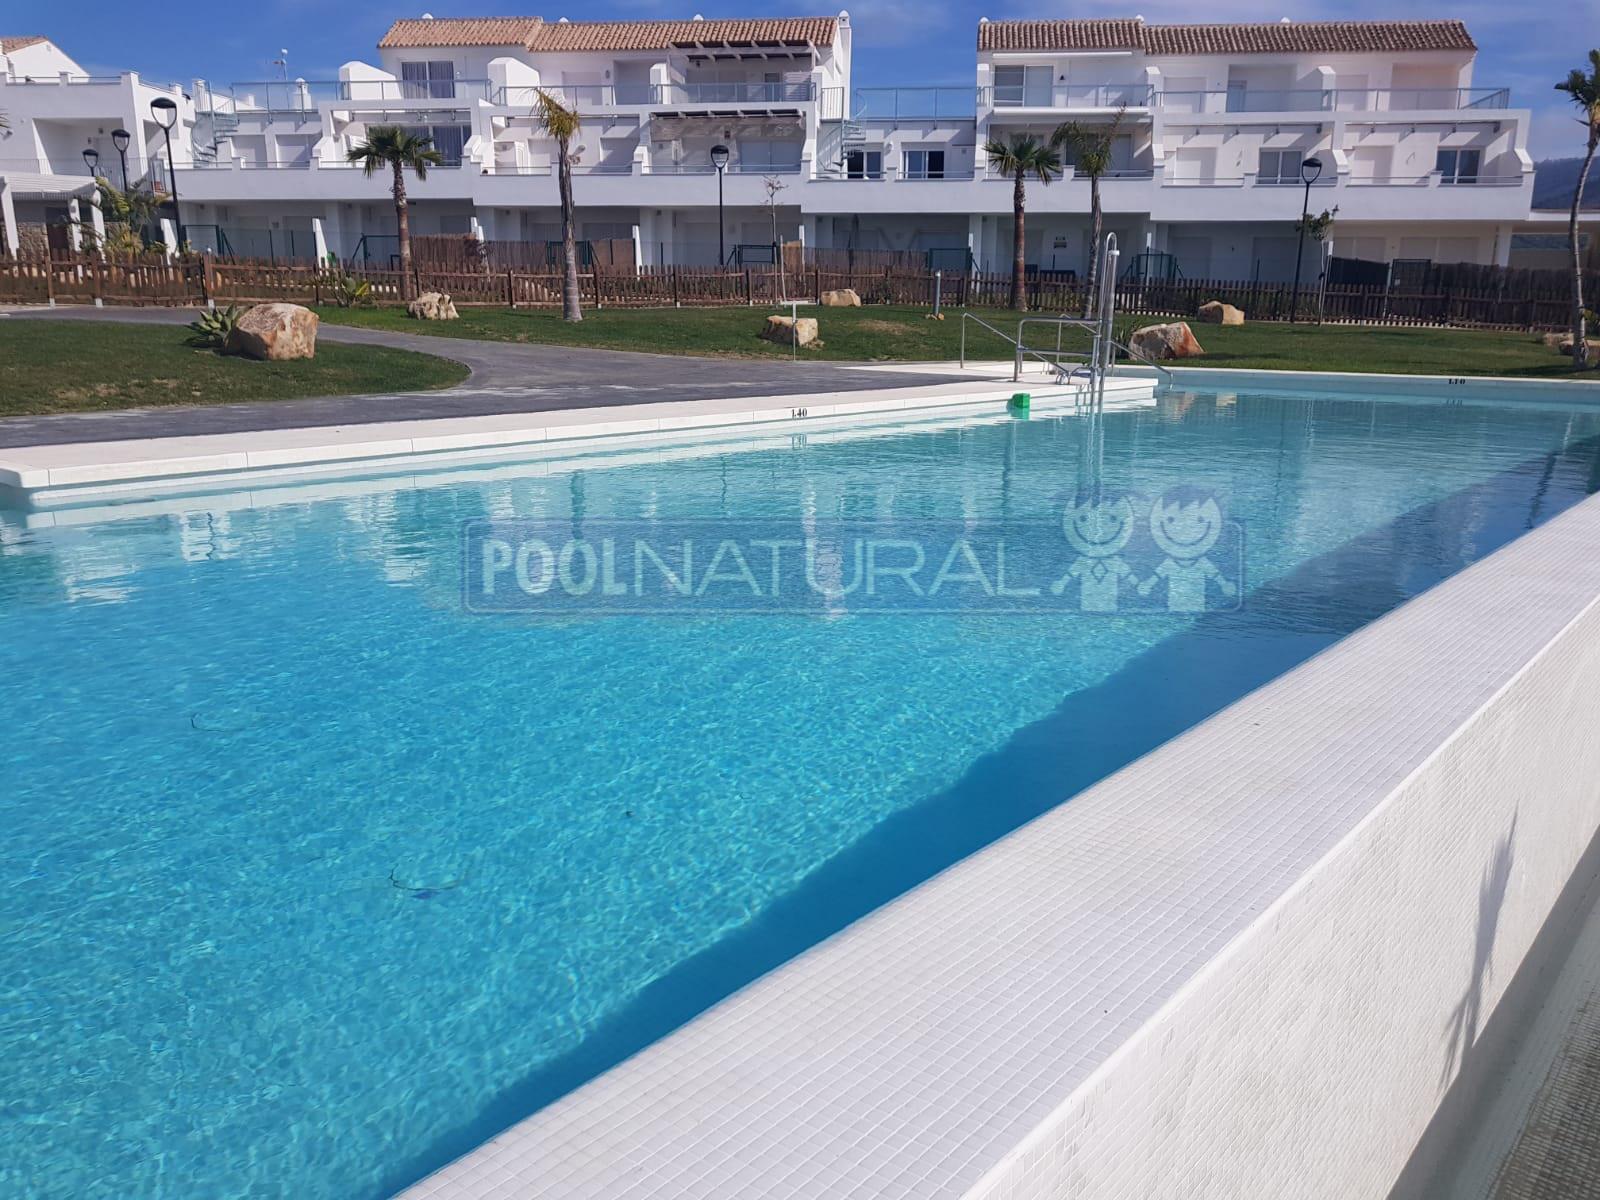 Piscinas Pool Natural